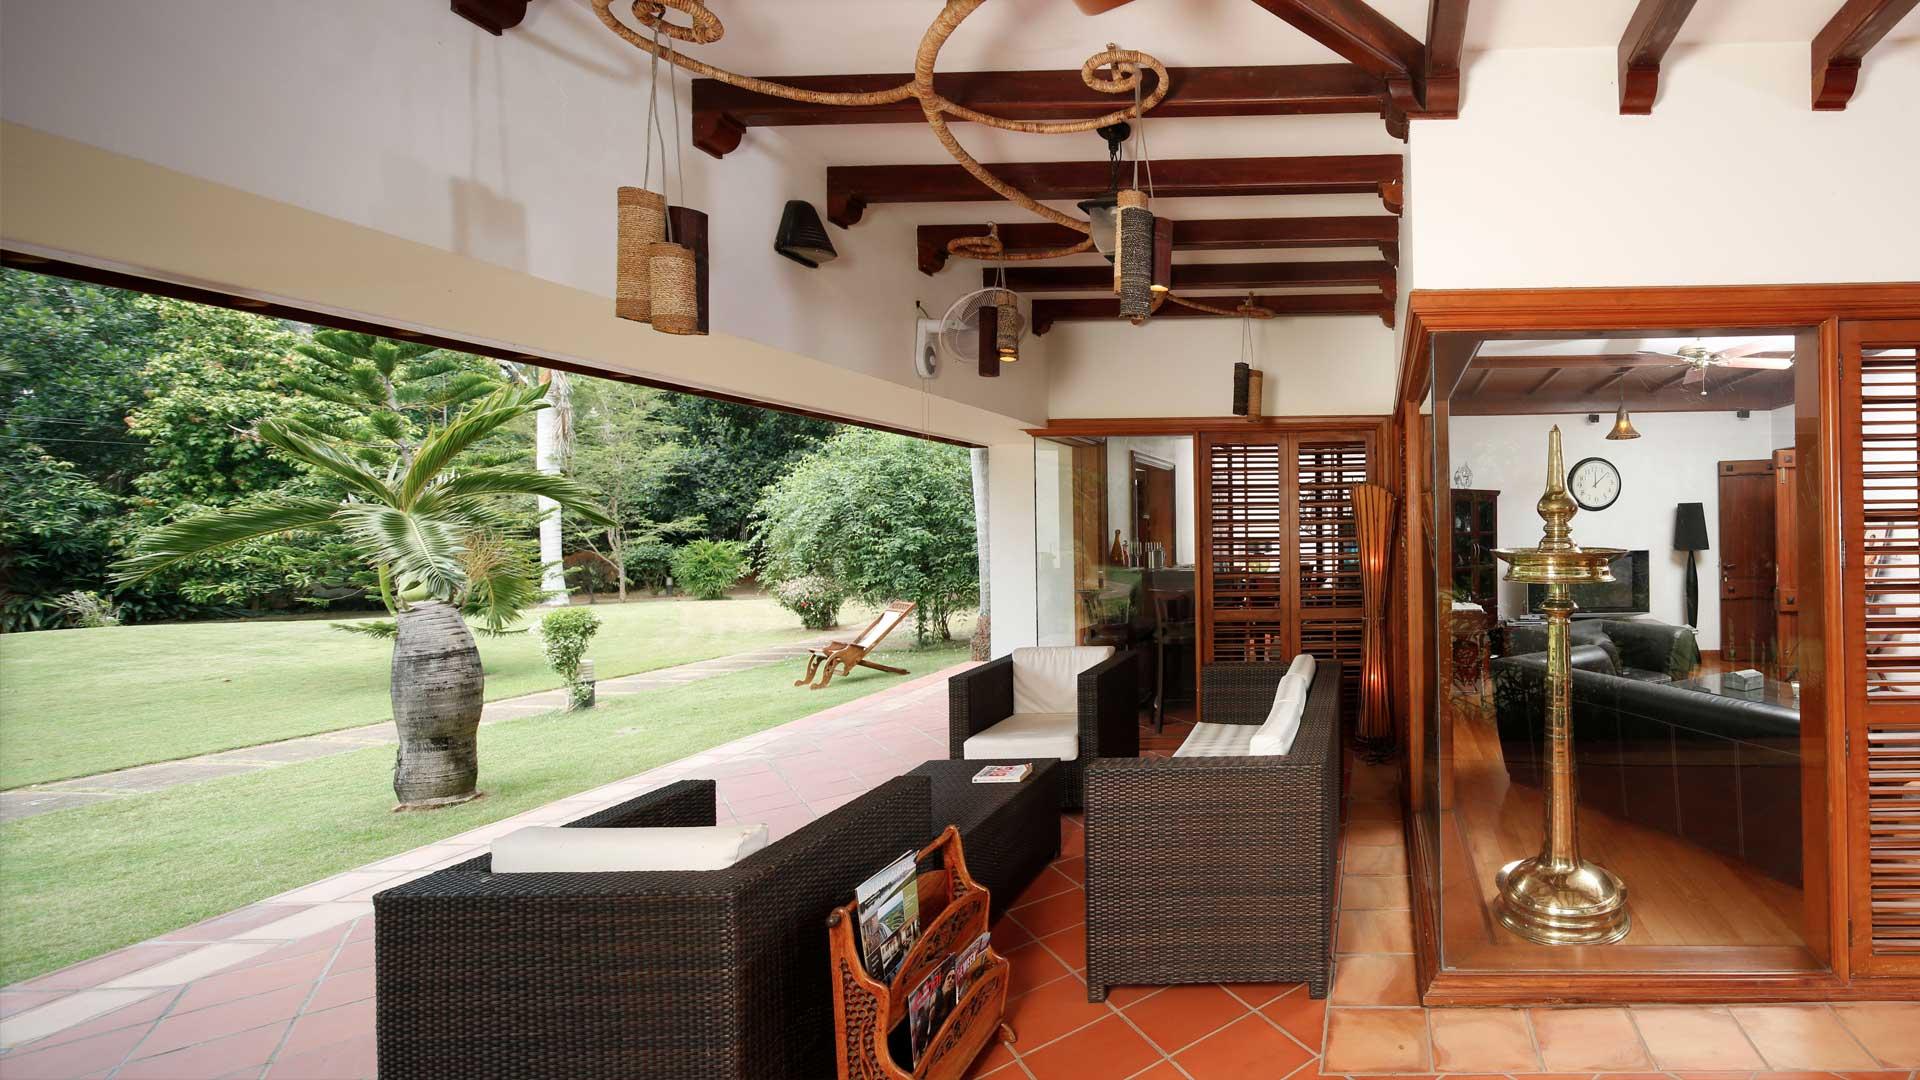 V Sivaprasad residence